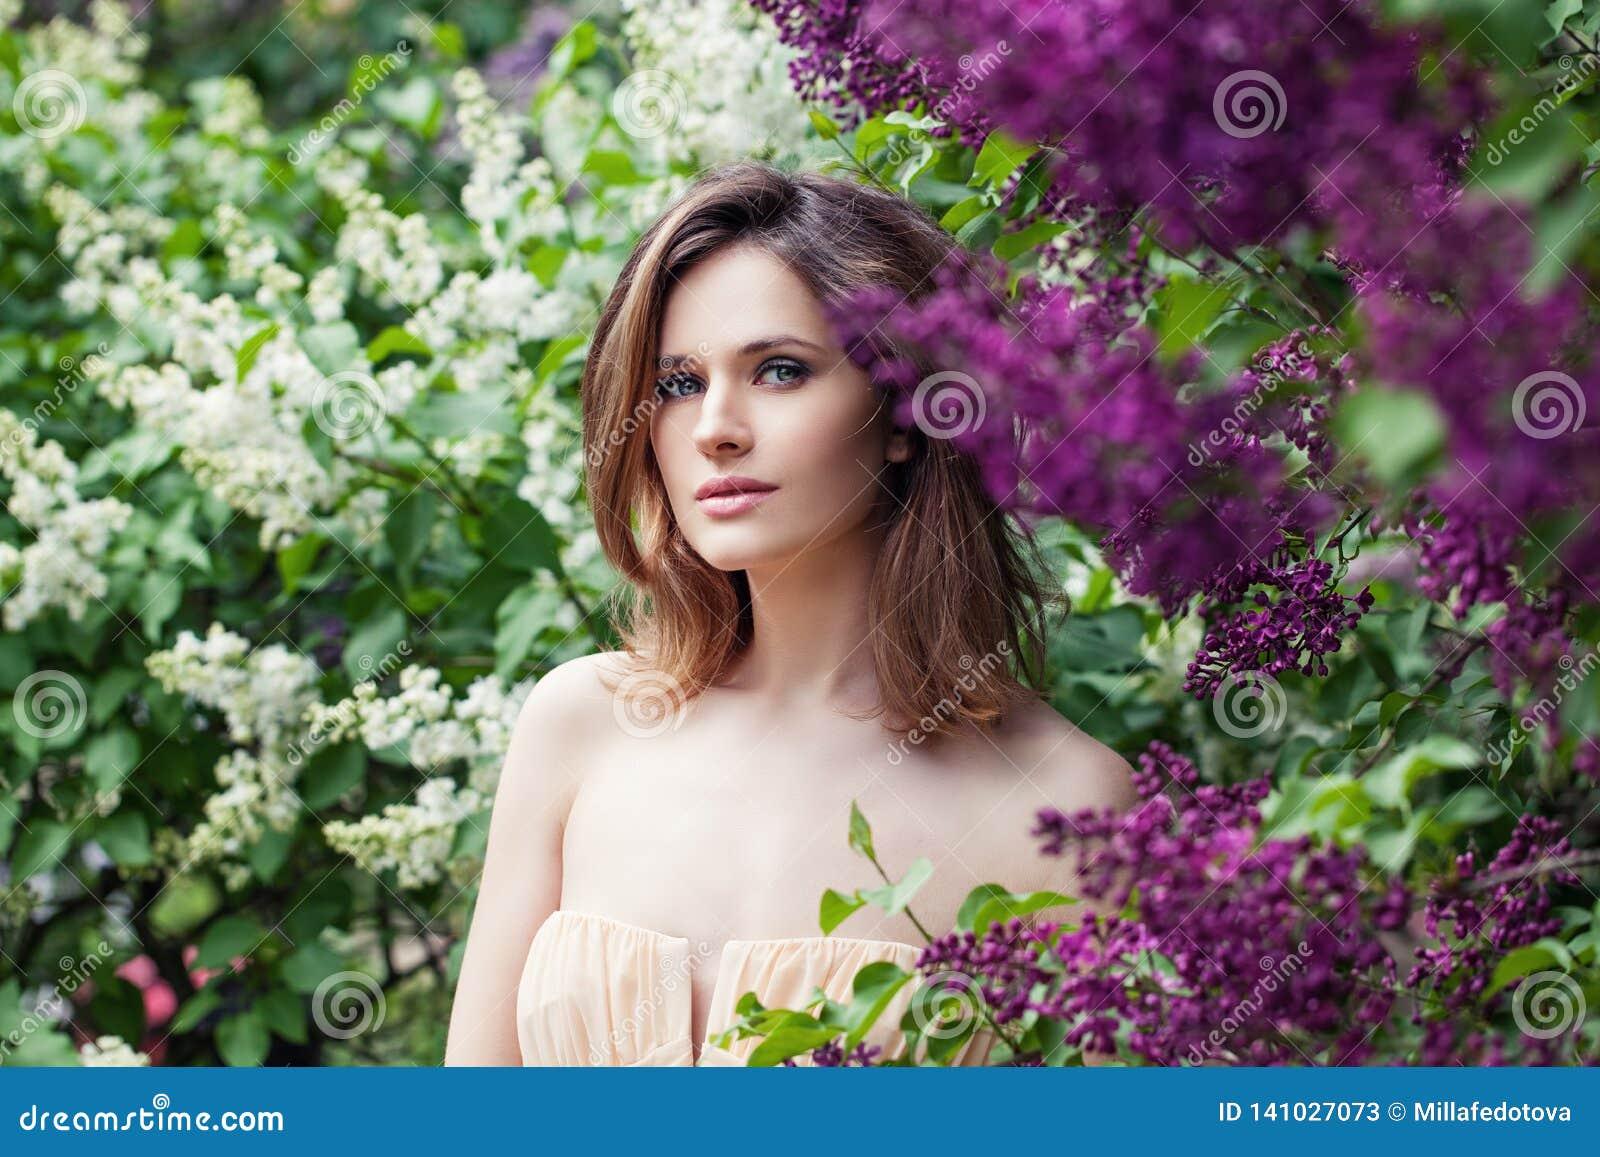 Perfekt kvinnlig framsida i lila blommaträdgård Nätt kvinna på blom- bakgrund